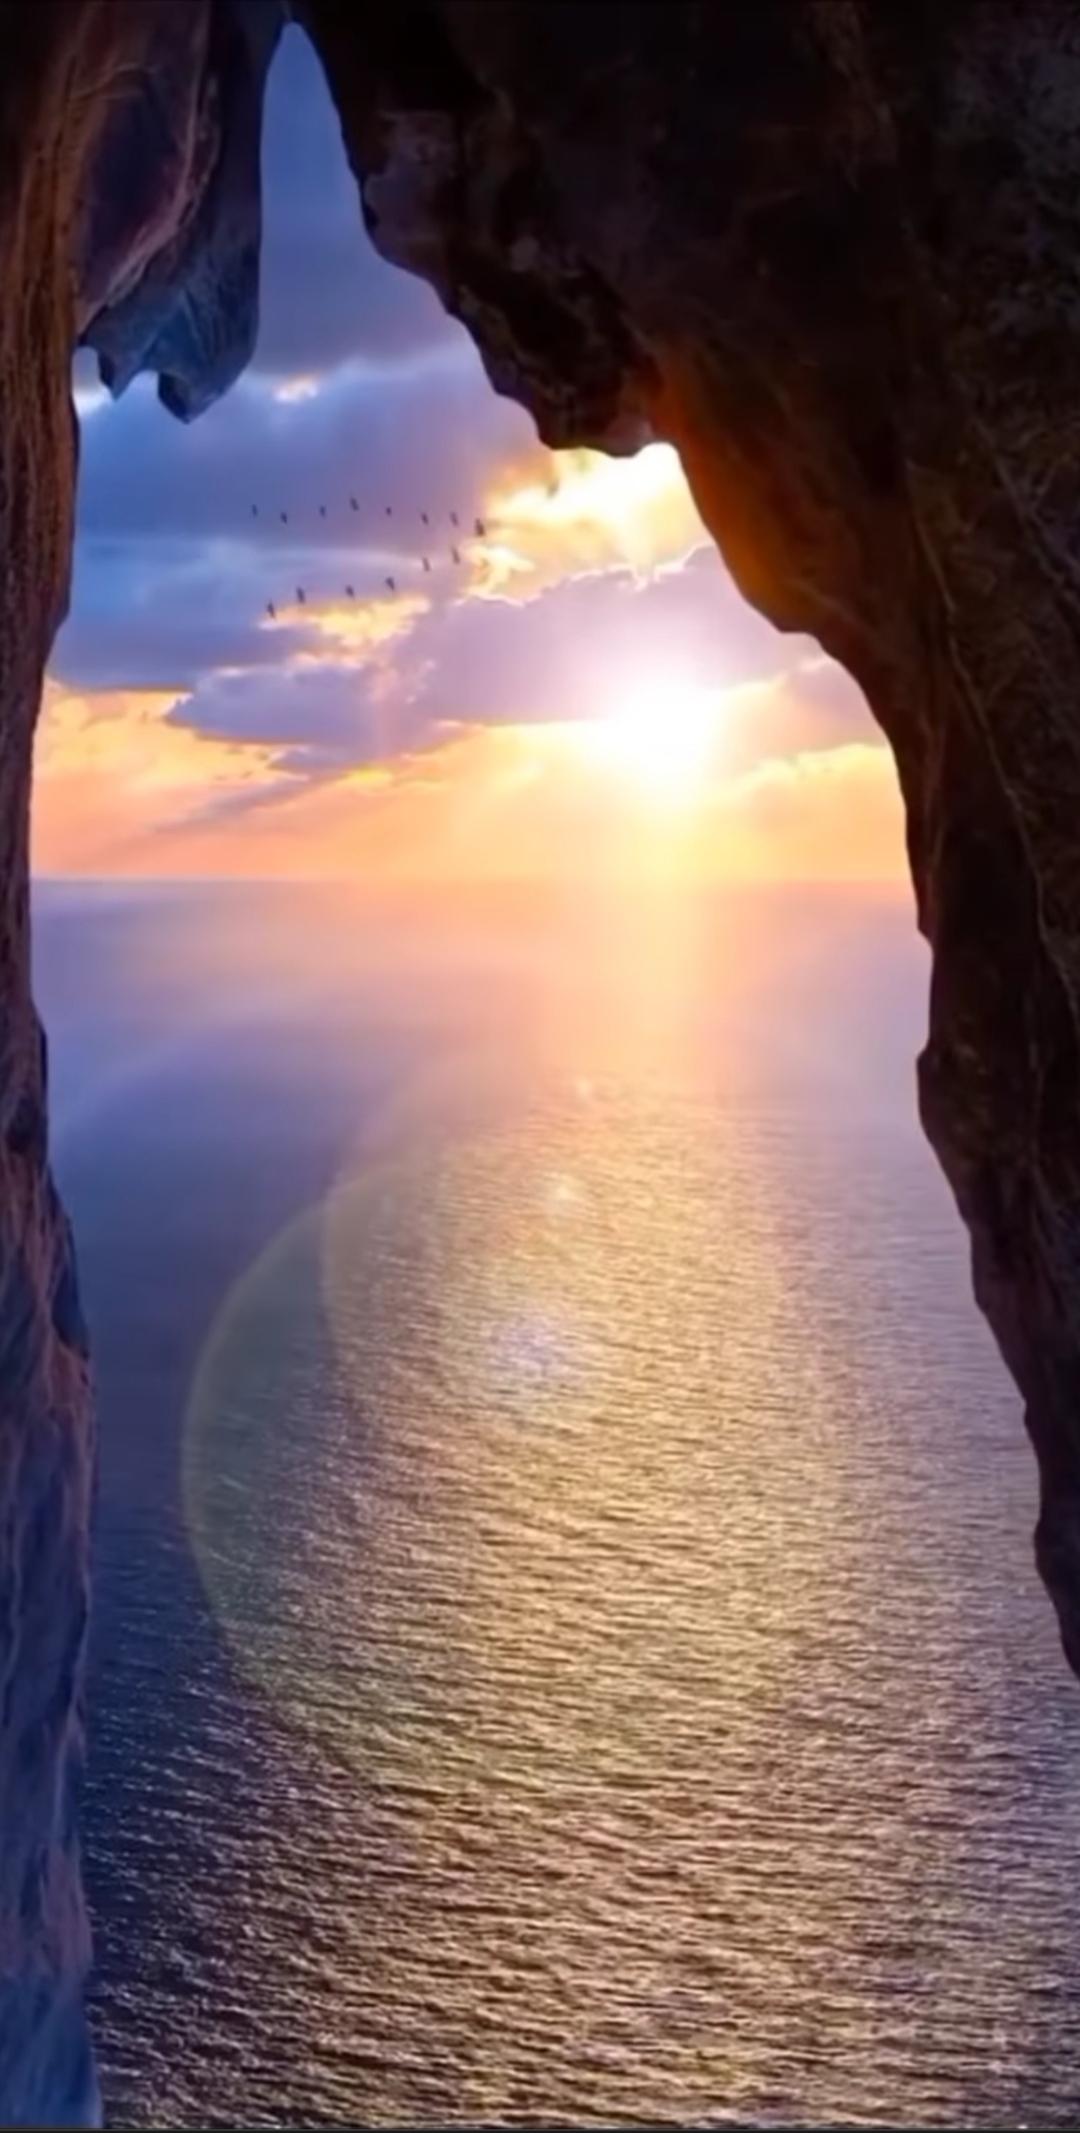 Sun rays falling on water